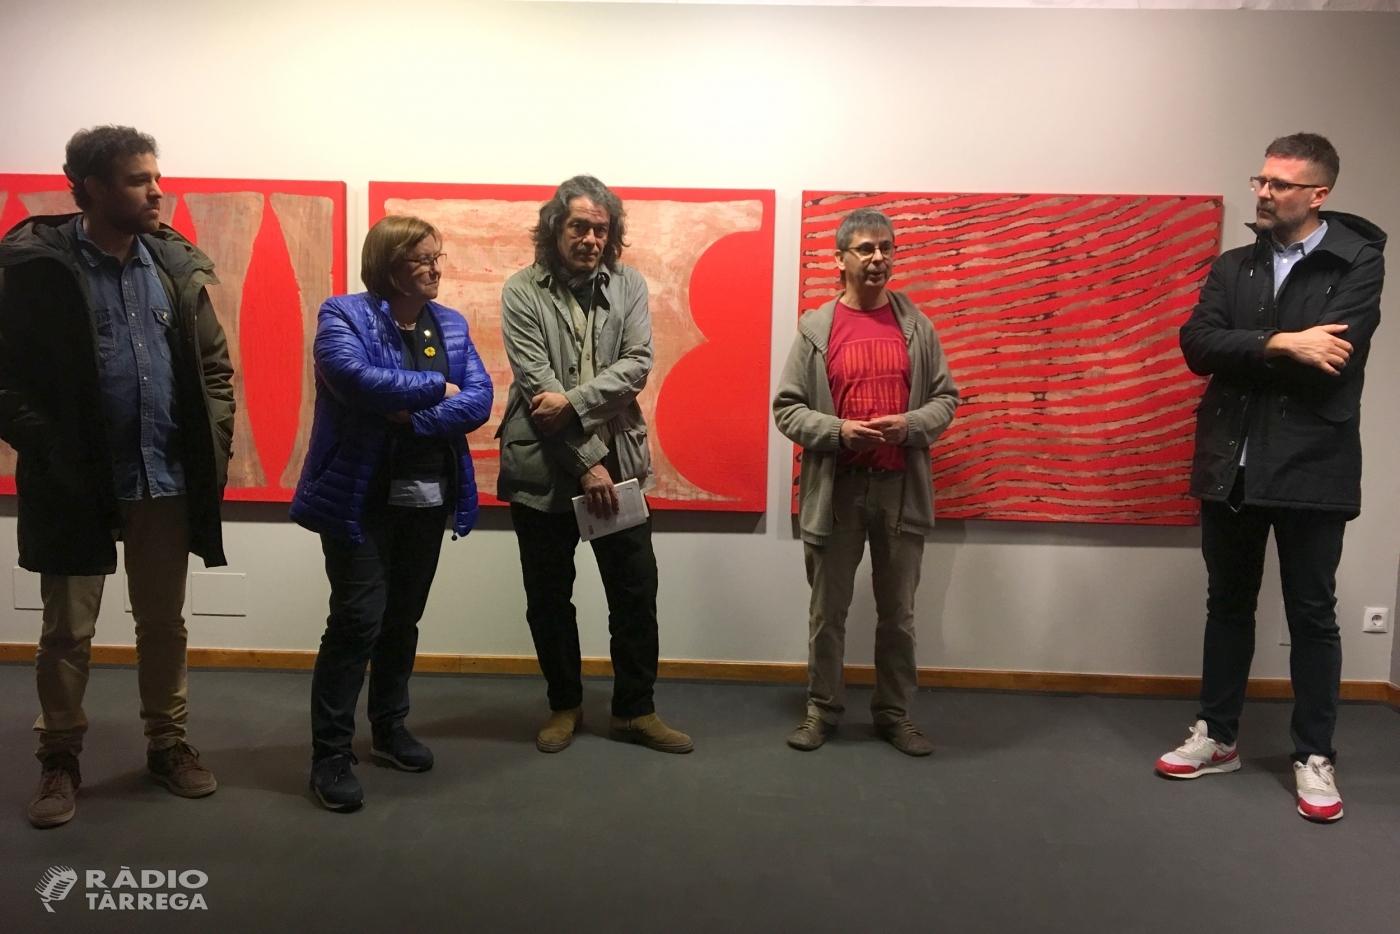 El Museu Comarcal de l'Urgell - Tàrrega exhibeix pintura i escultura de l'artista Jaume Amigó